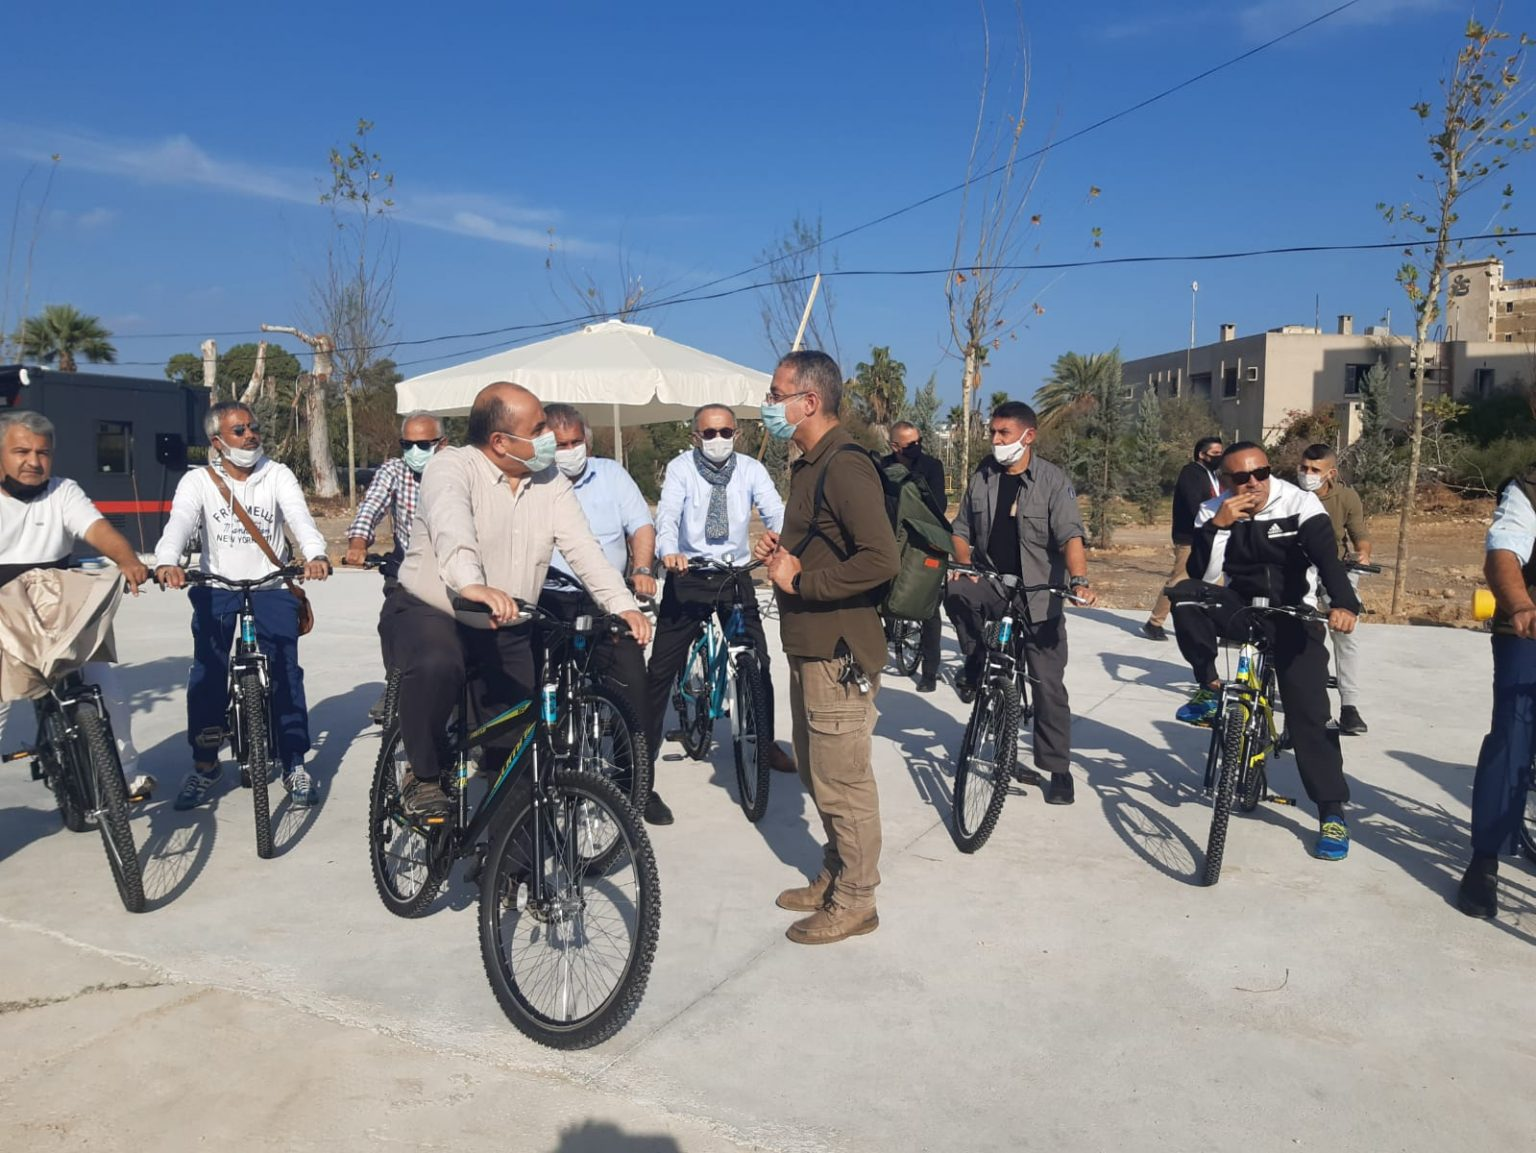 Büyükelçi Başçeri, Maraş'ı ziyaret ederek, halkla birlikte bisiklet turuna katıldı